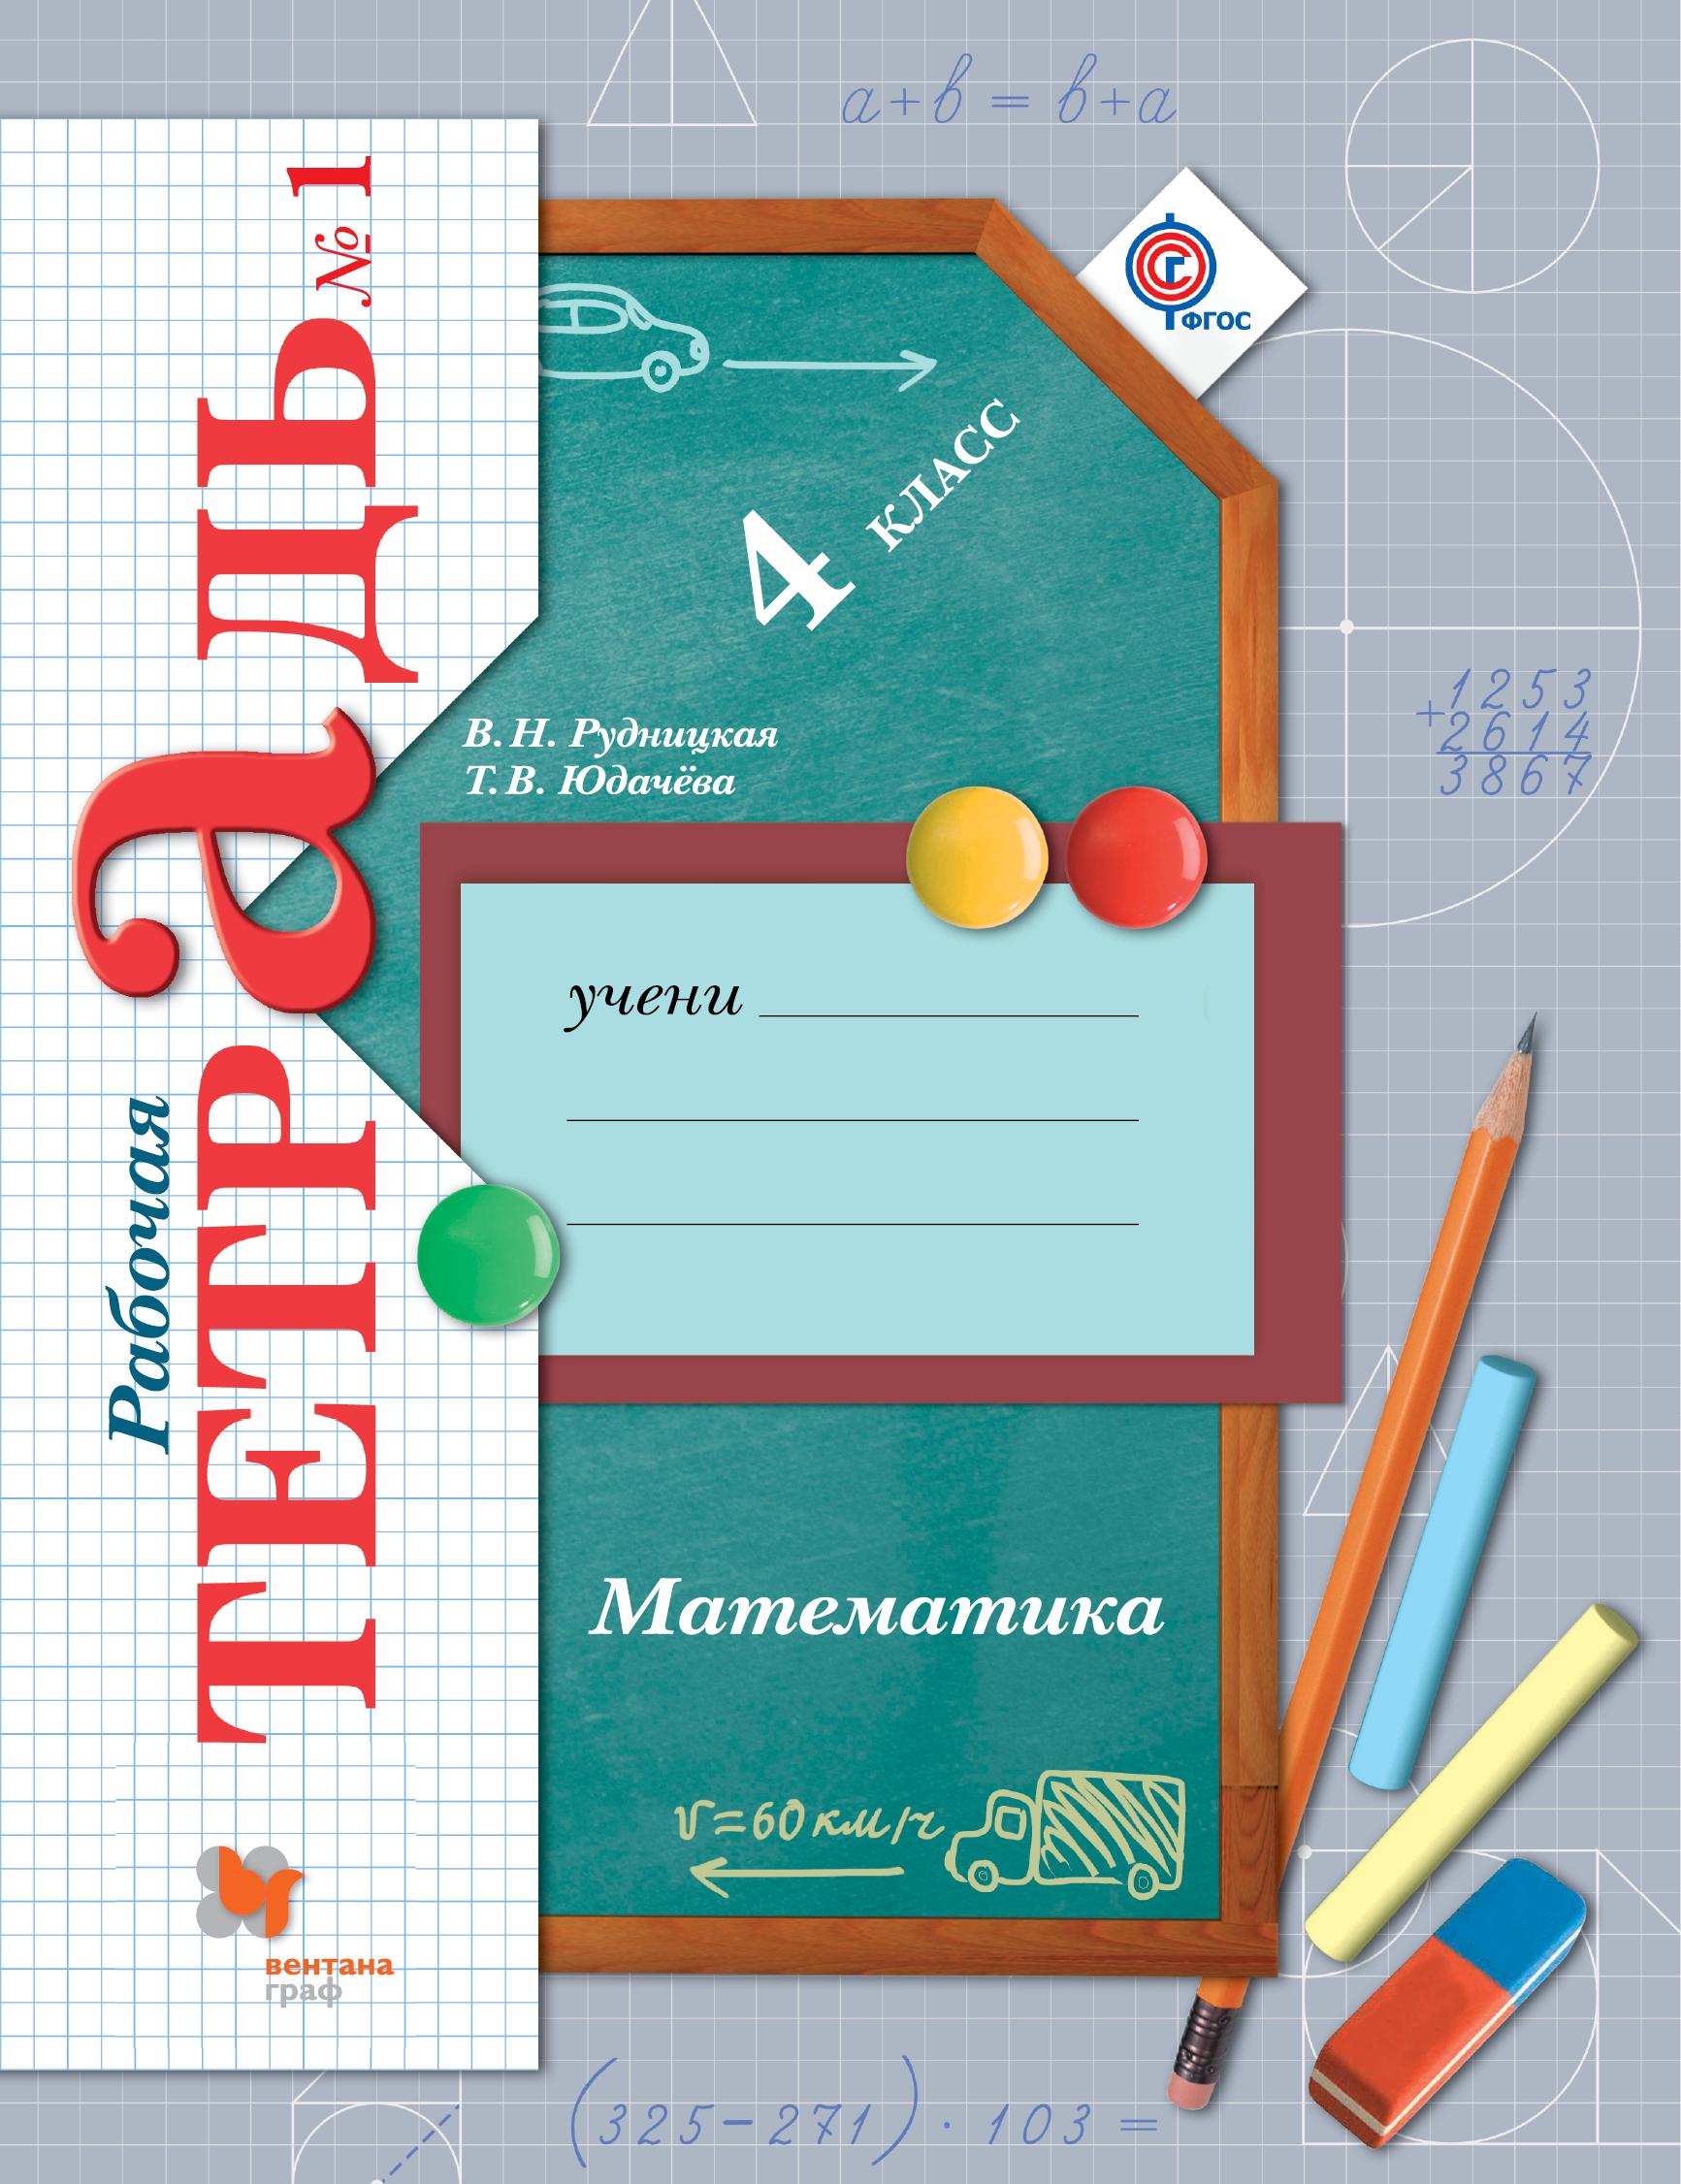 Фото - В. Н. Рудницкая, Т. В. Юдачева Математика. 4класс. Рабочая тетрадь №1 в н рудницкая т в юдачева математика 4